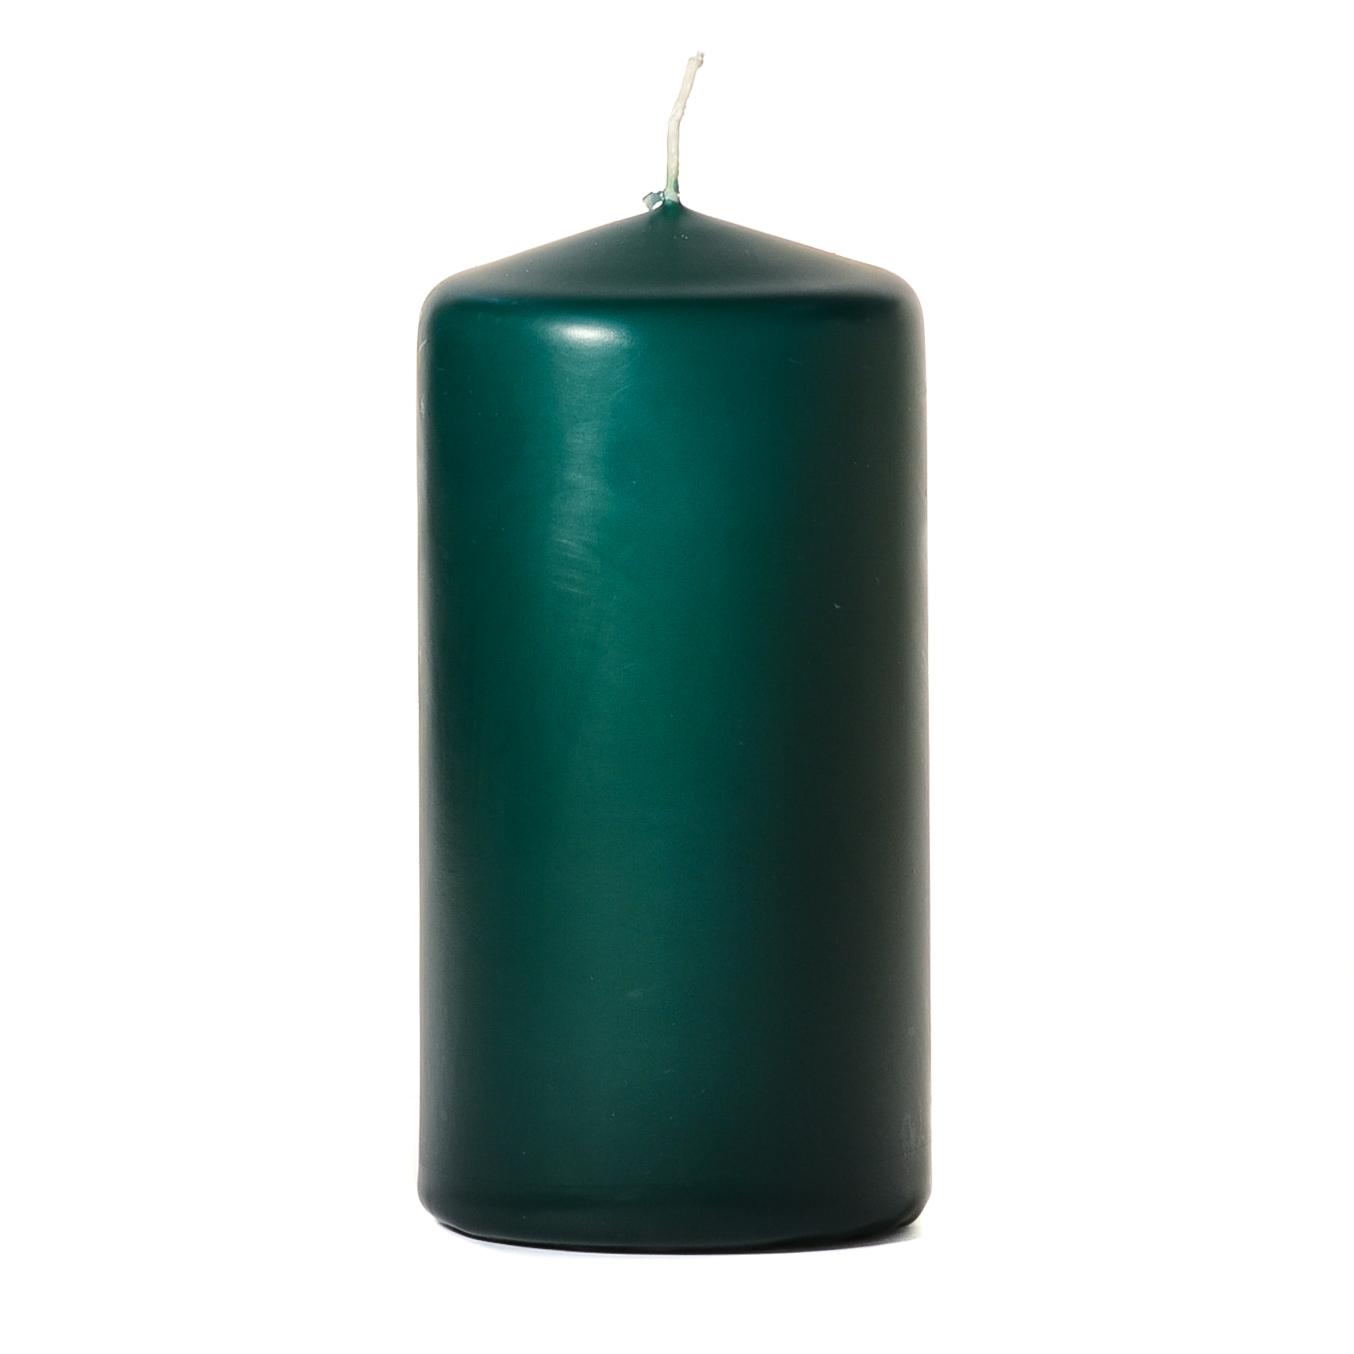 3x6 Hunter Green Pillar Candles Unscented